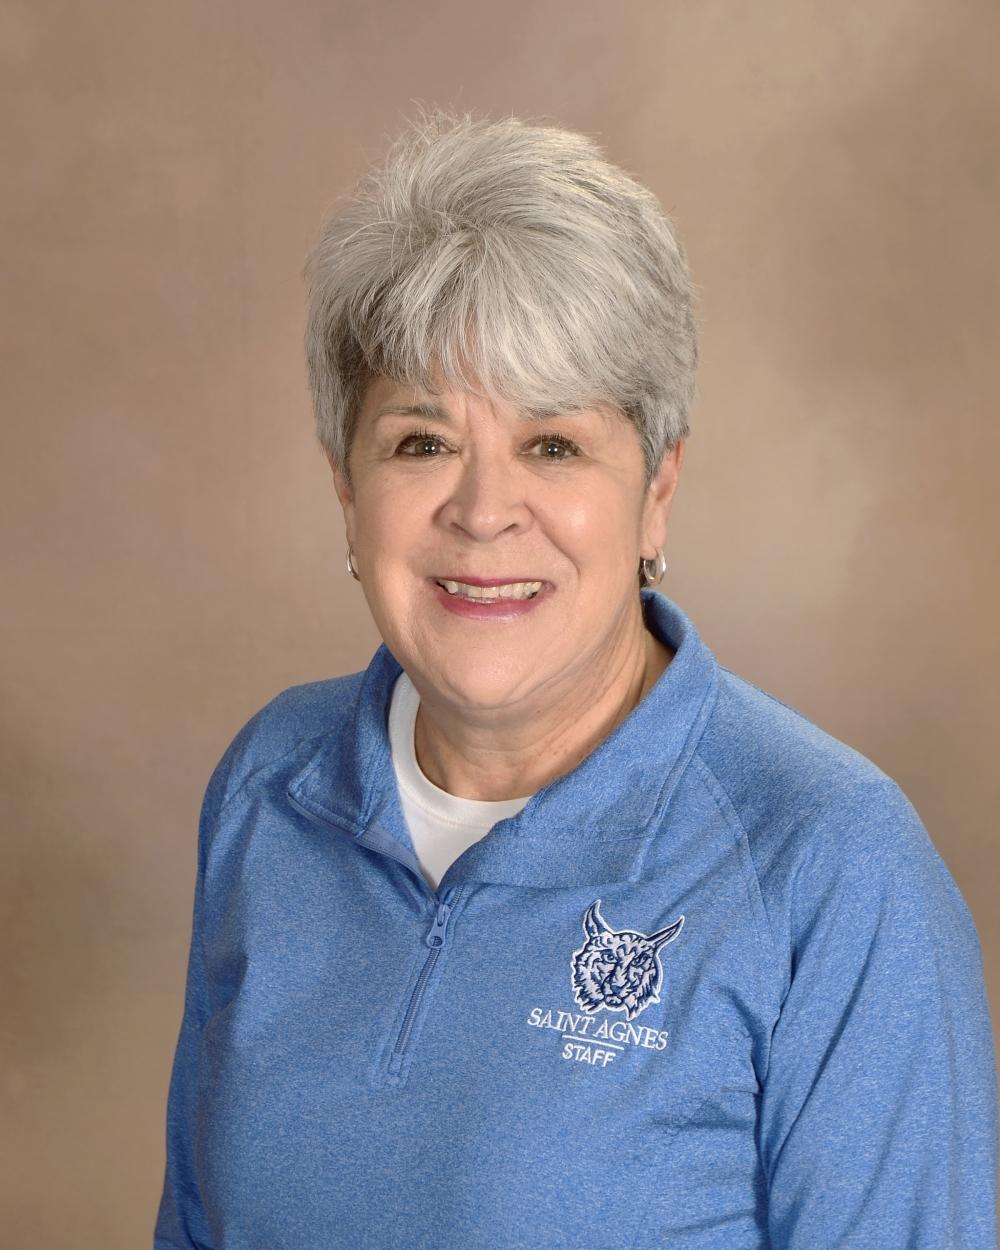 Mrs. Patricia Cunningham